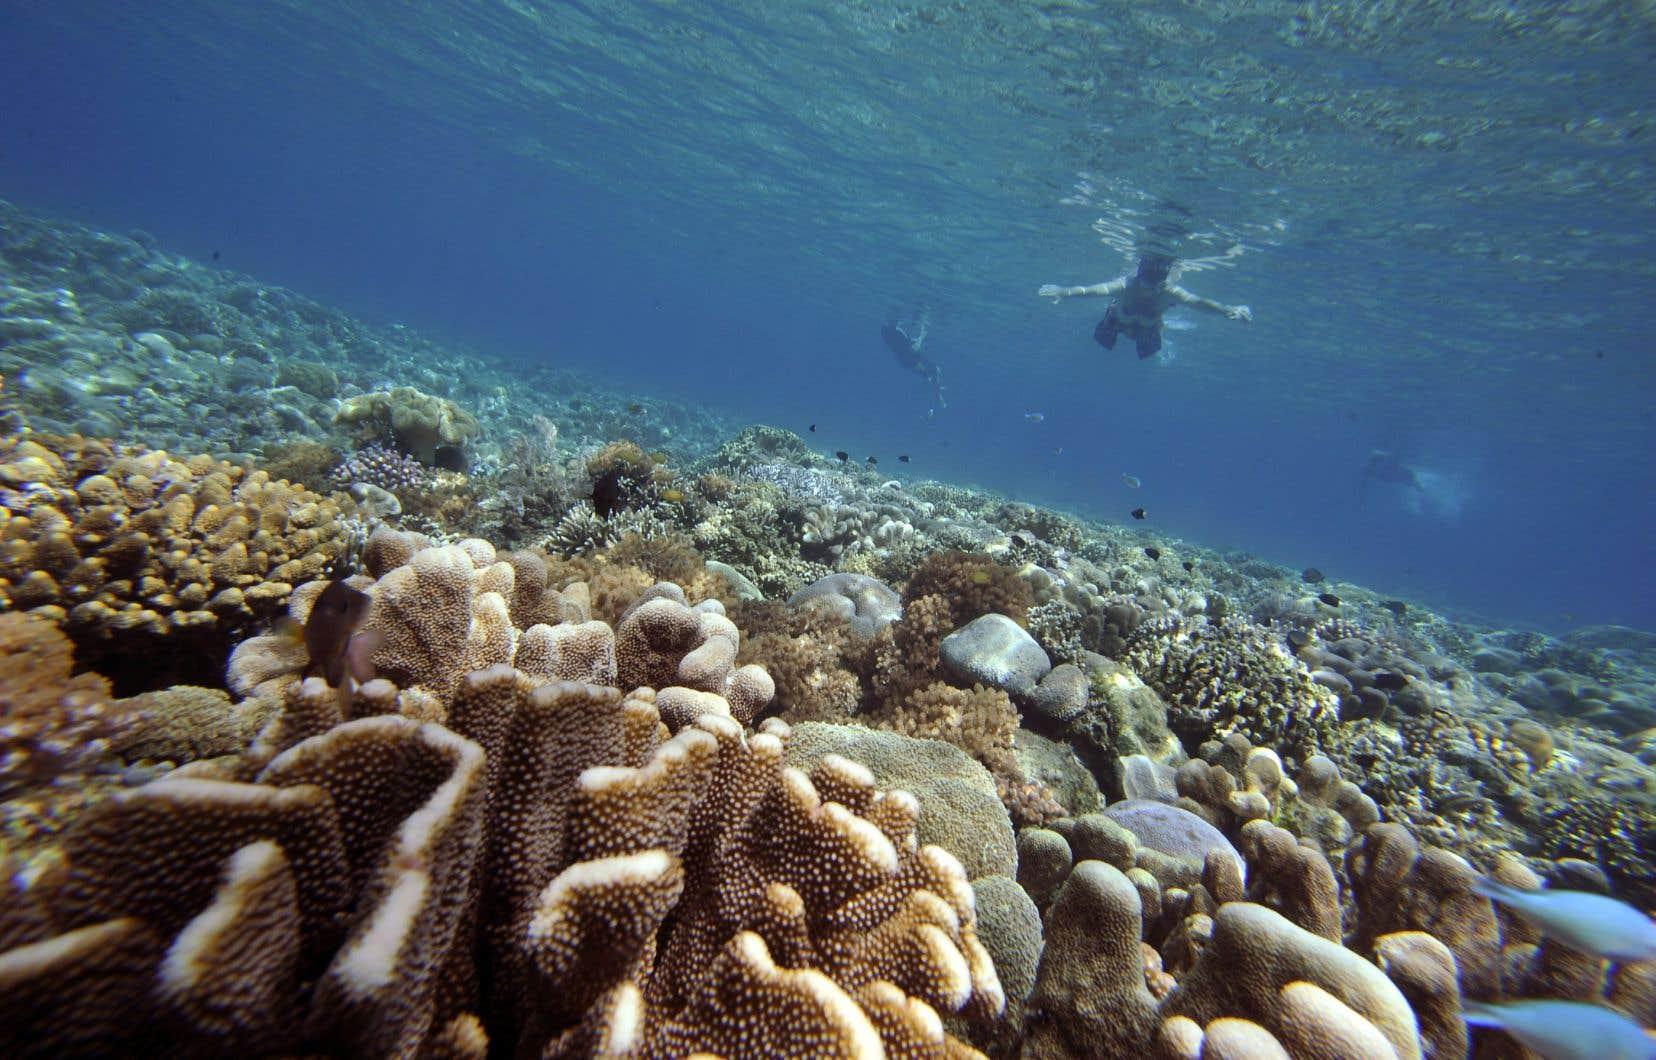 Une étude américaine a révélé qu'un ingrédient entrant dans la composition des crèmes solaires provoquait la mort de certains coraux.